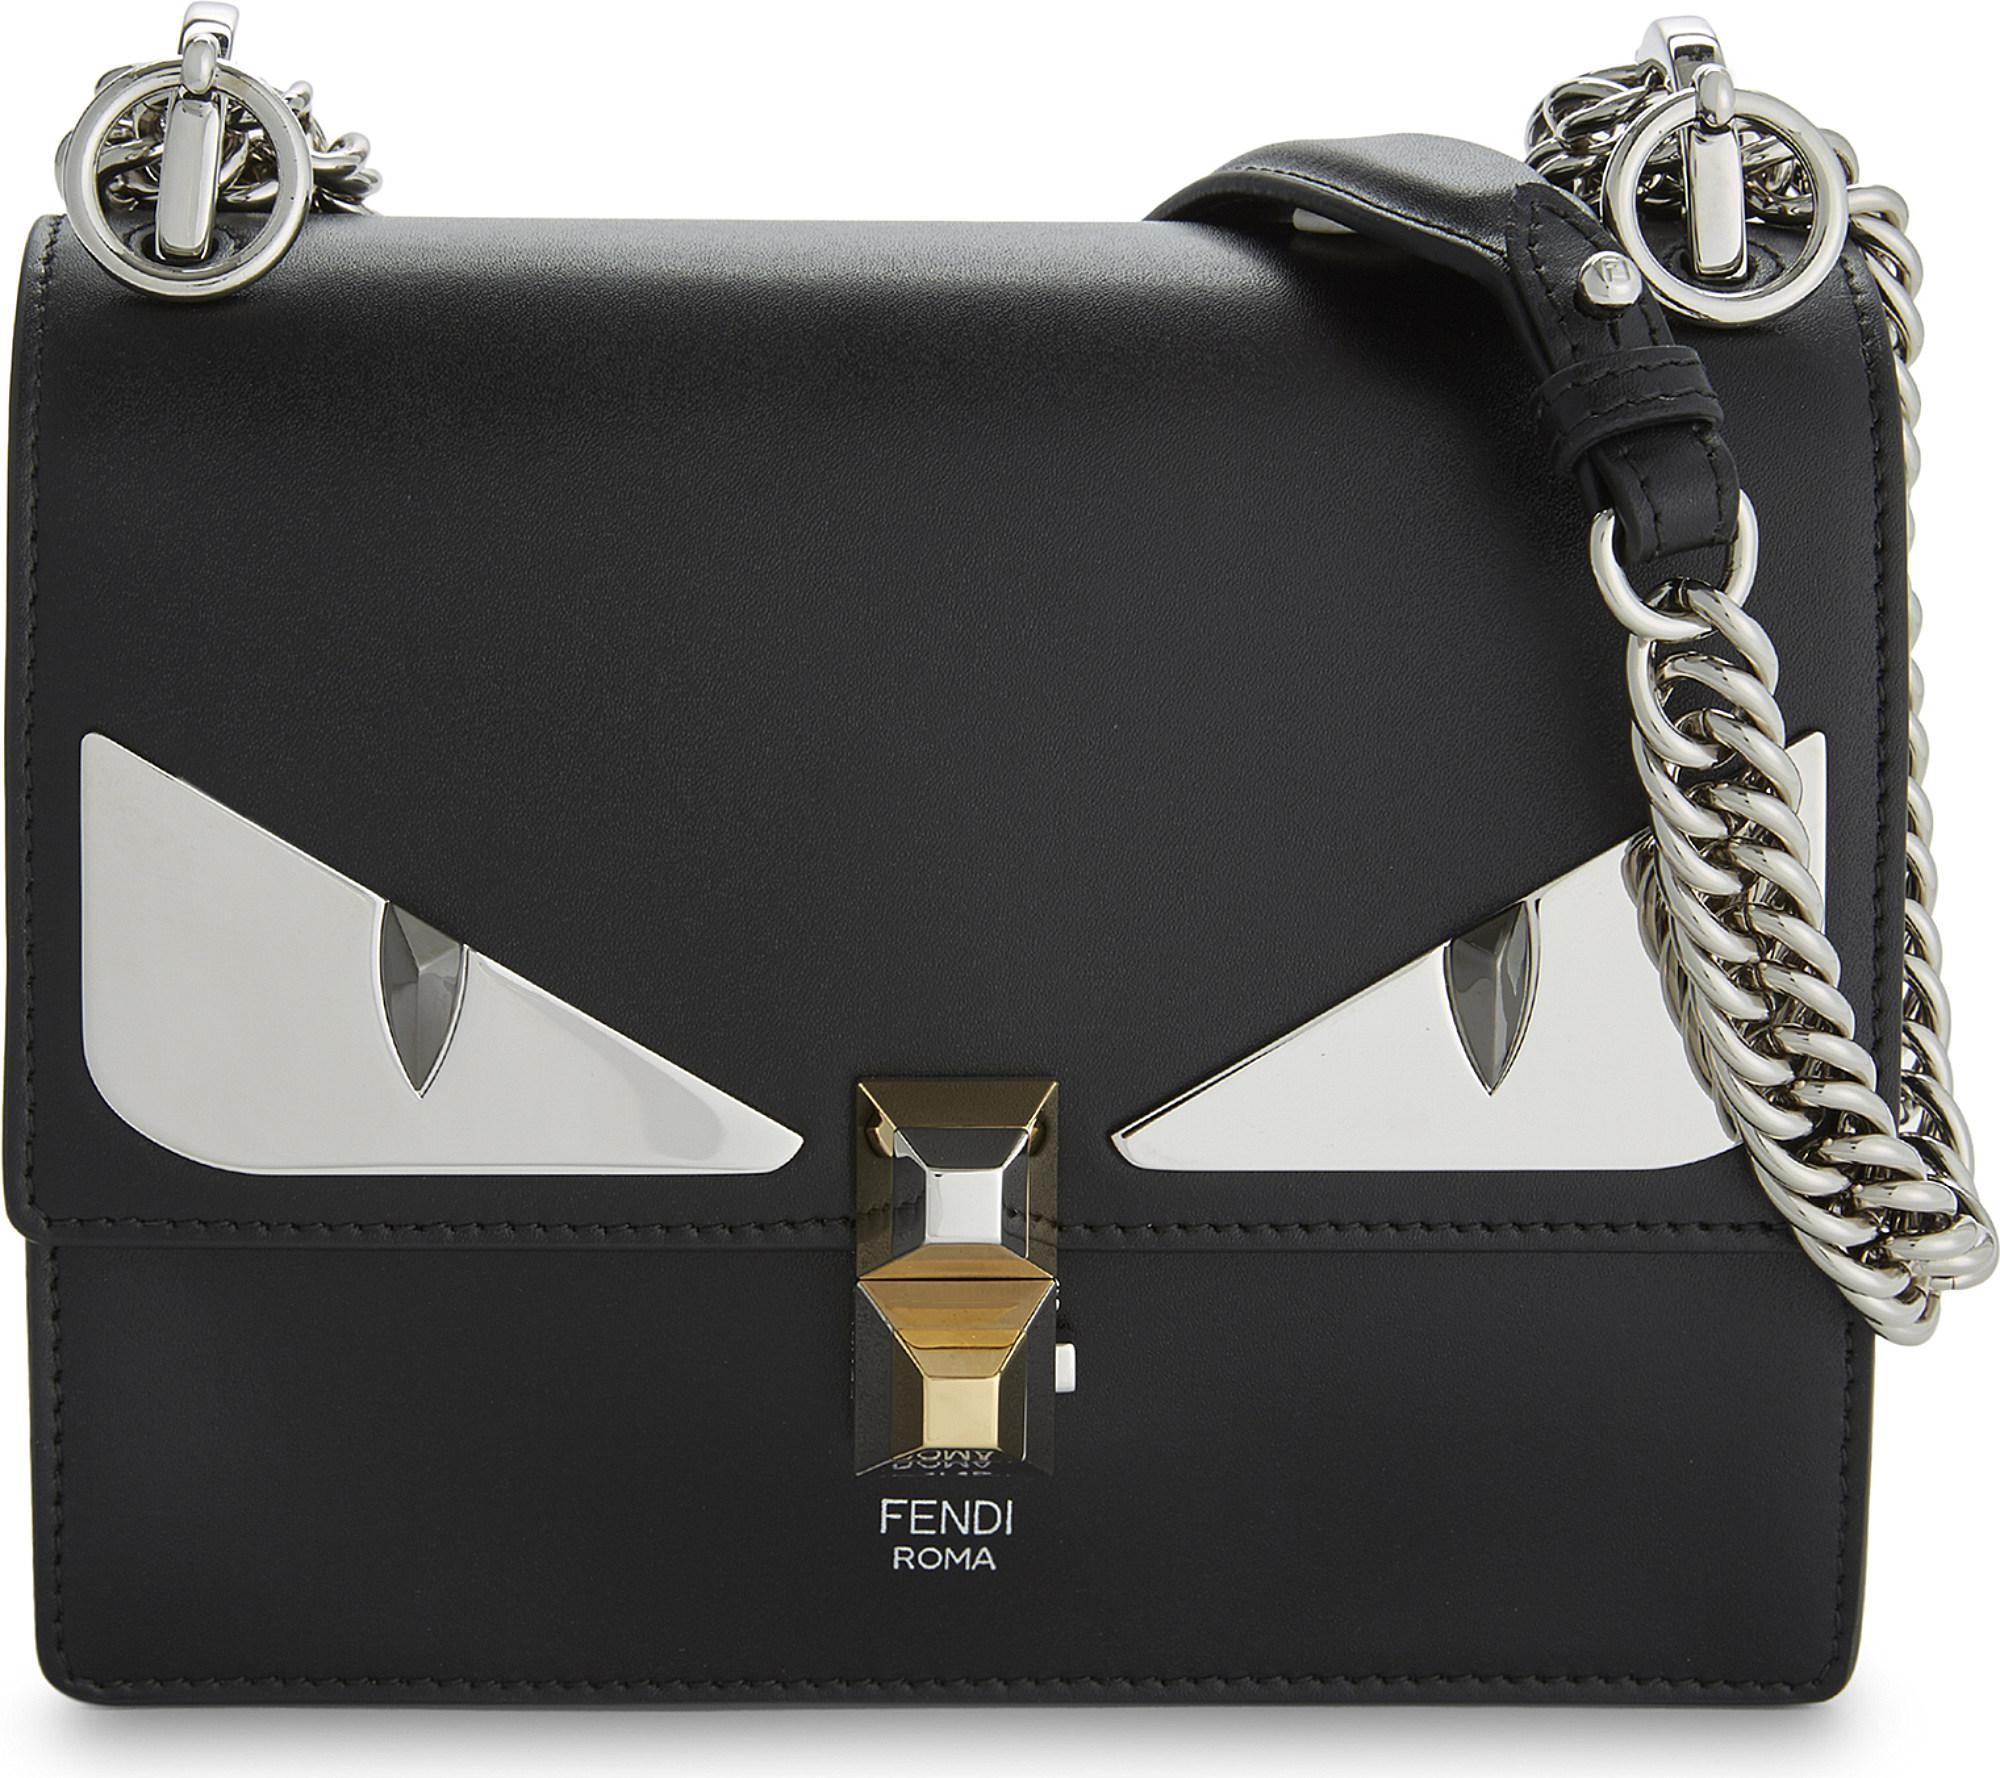 391e5a928c44 Lyst - Fendi Kan I Monster Leather Shoulder Bag in Black